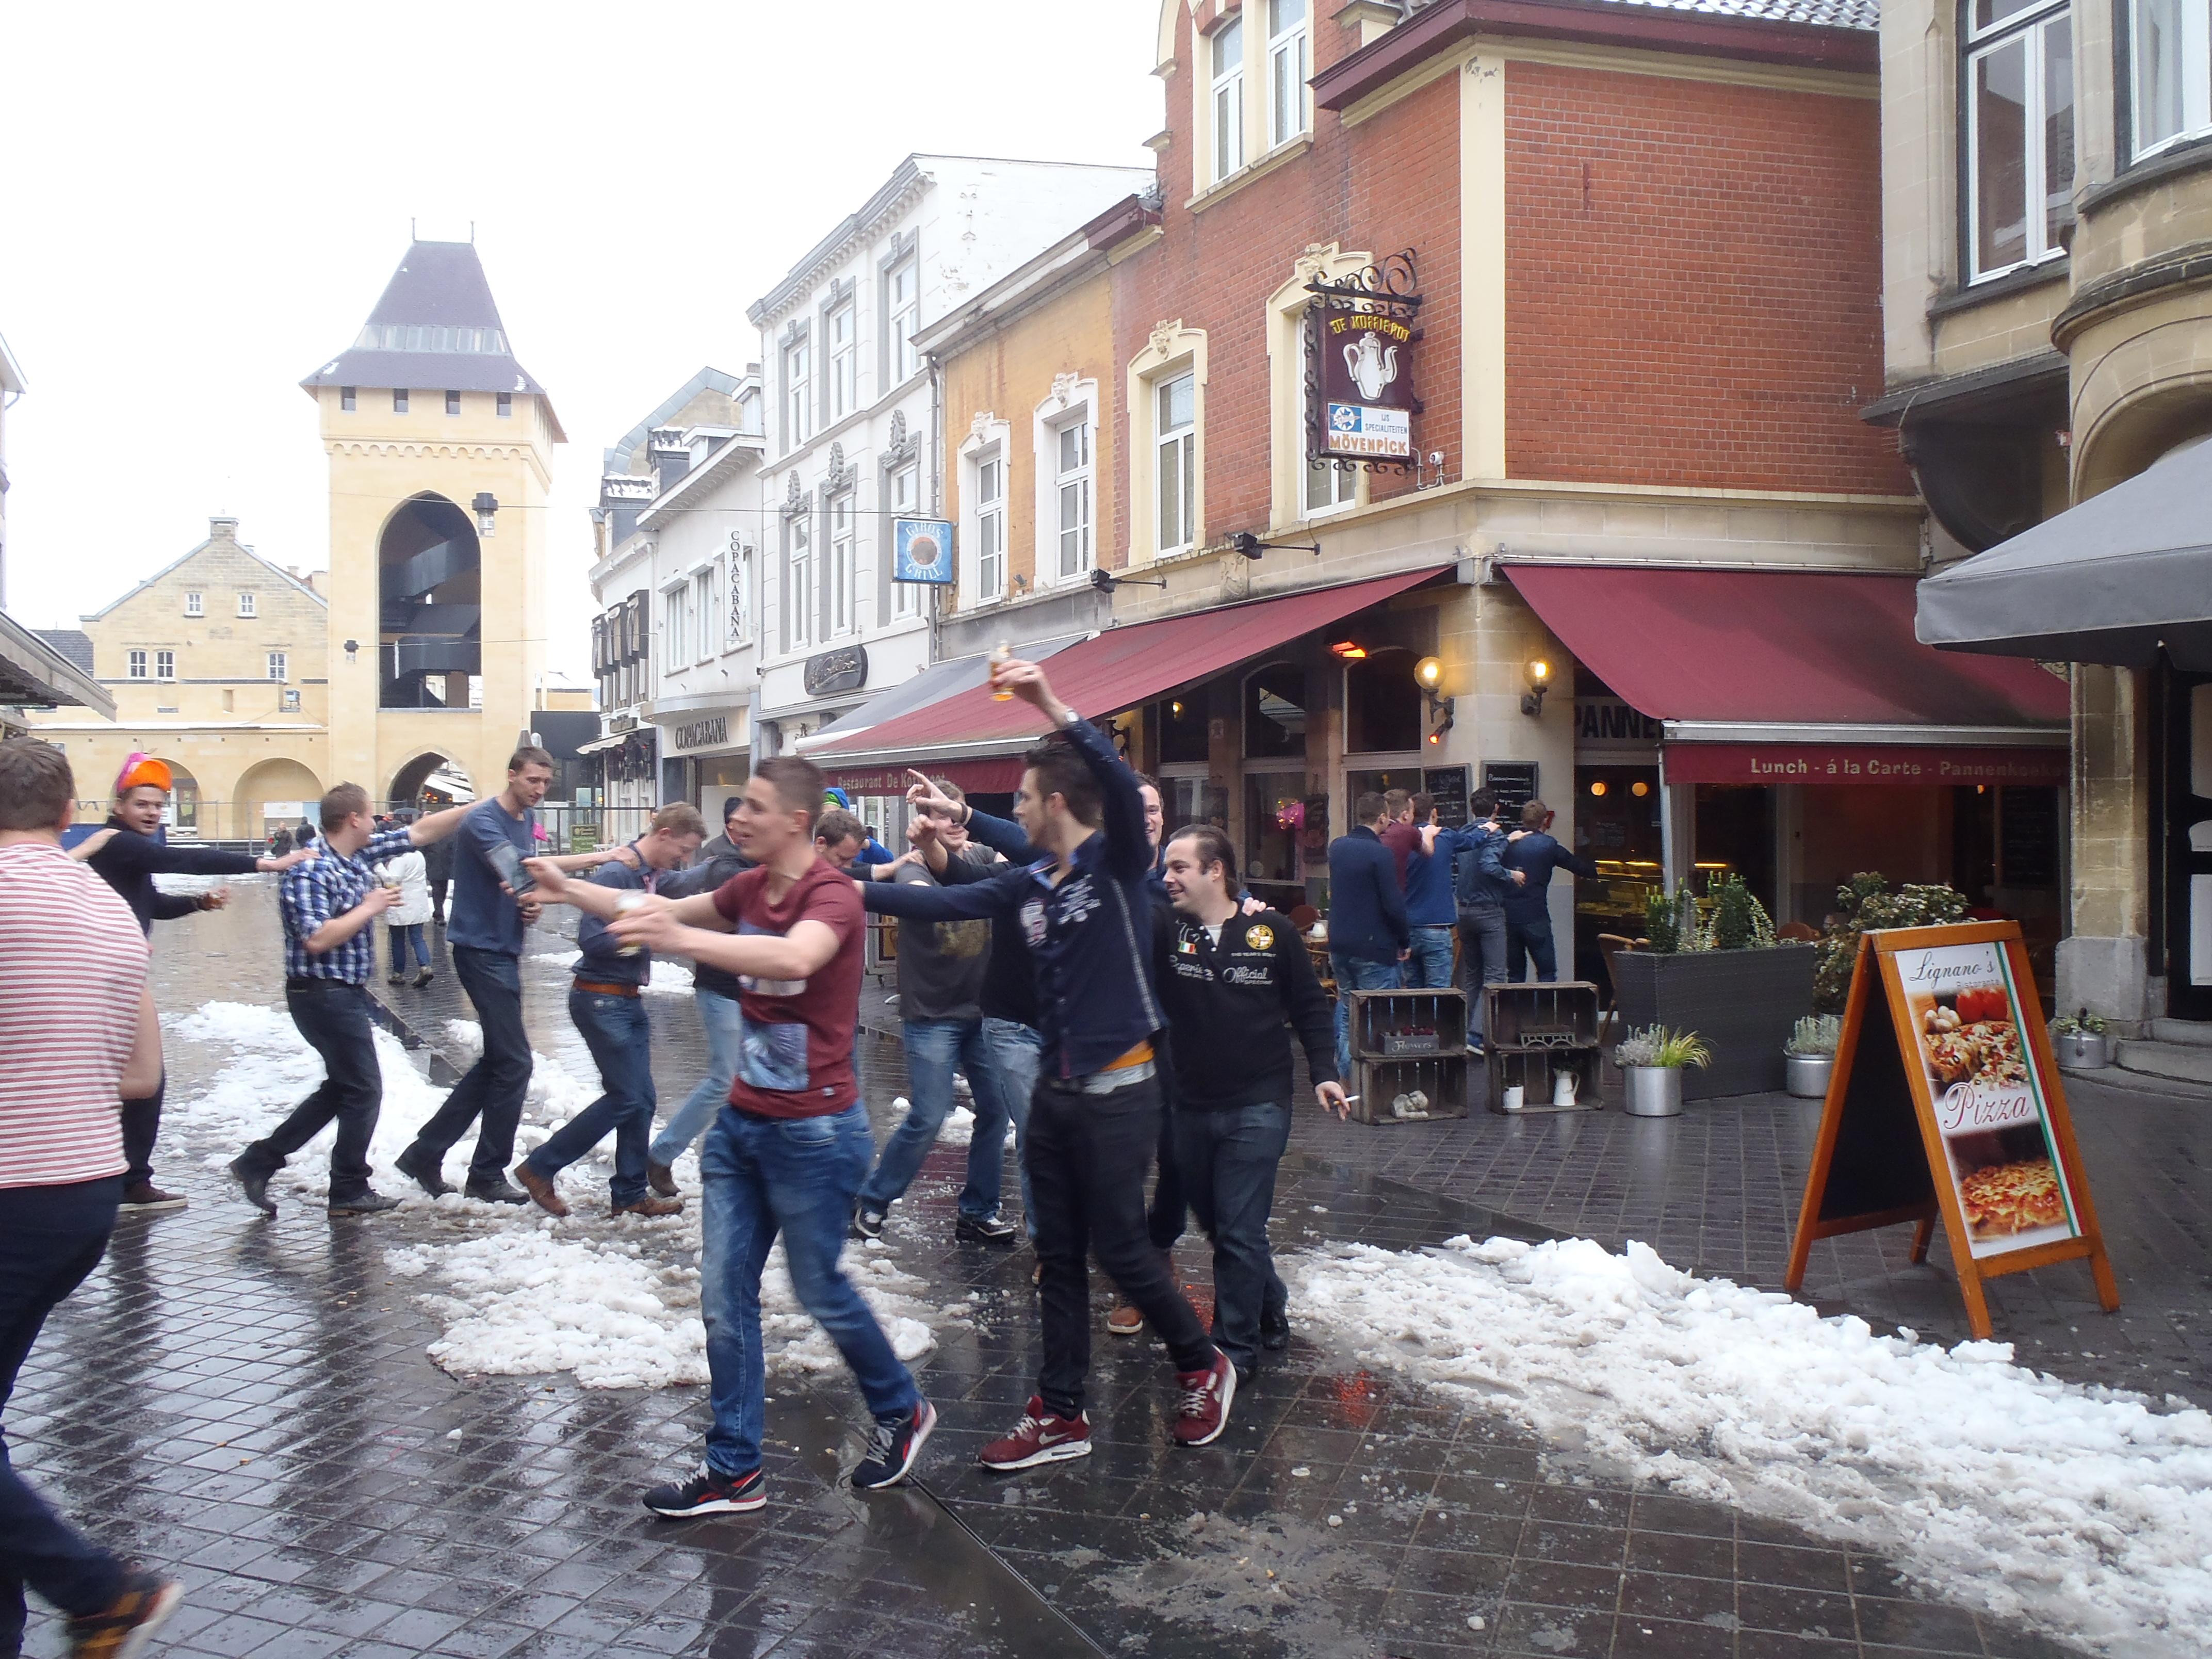 2015.01.25. Valkenburg 't Hoekje Herenzitting (38)